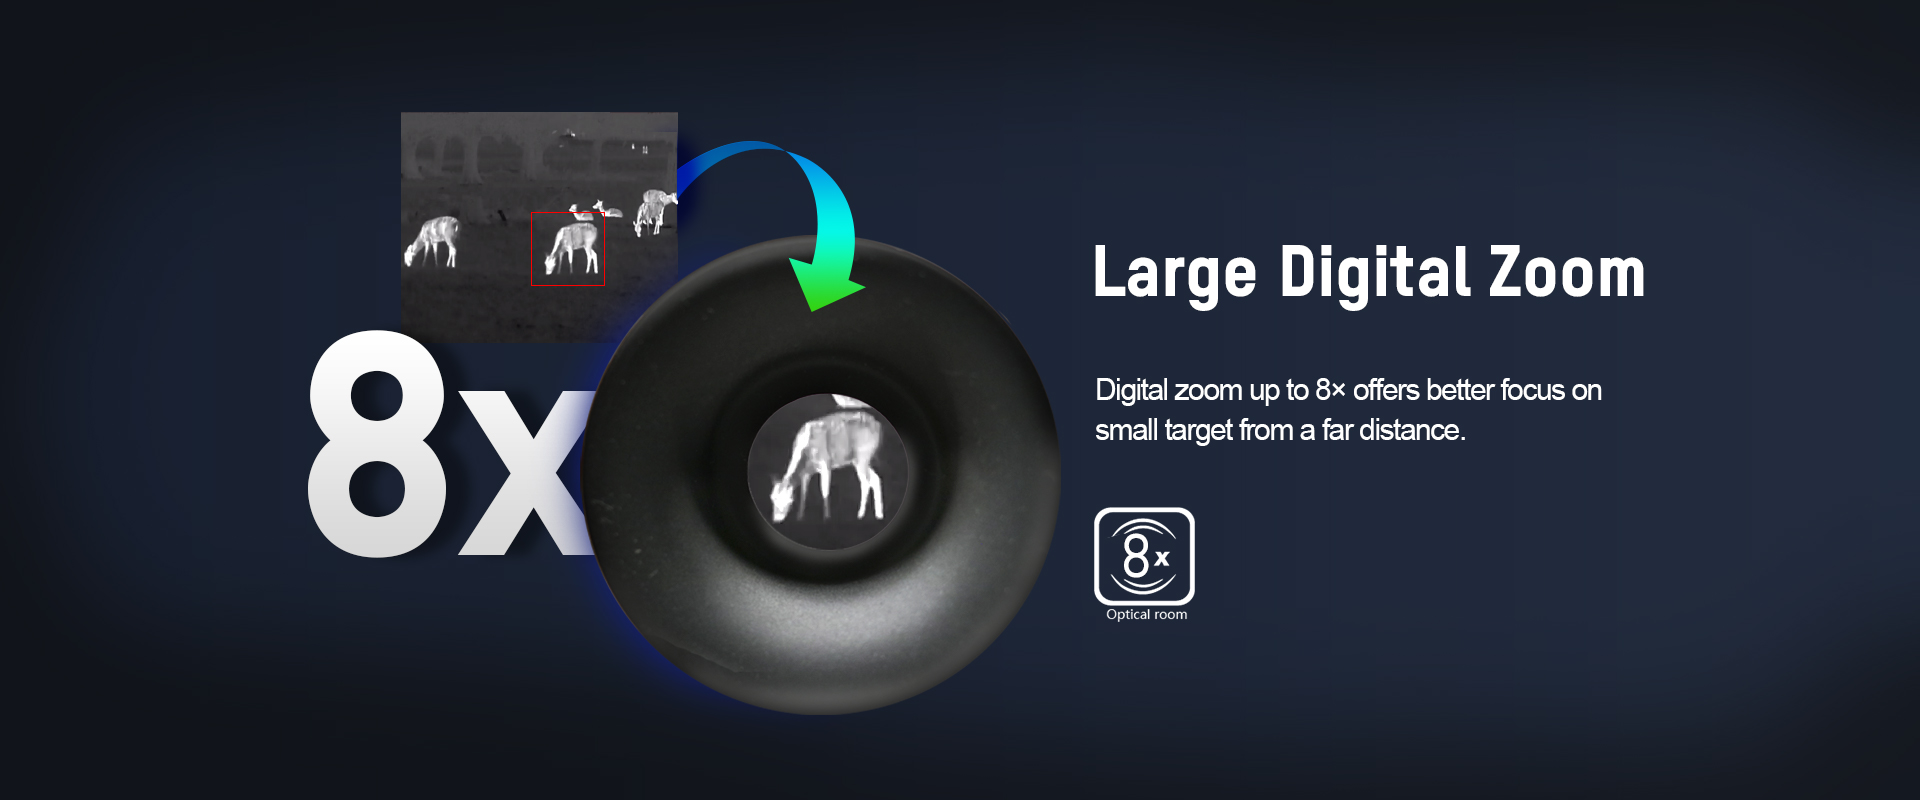 03-Large Digital Zoom_LYNX.jpg